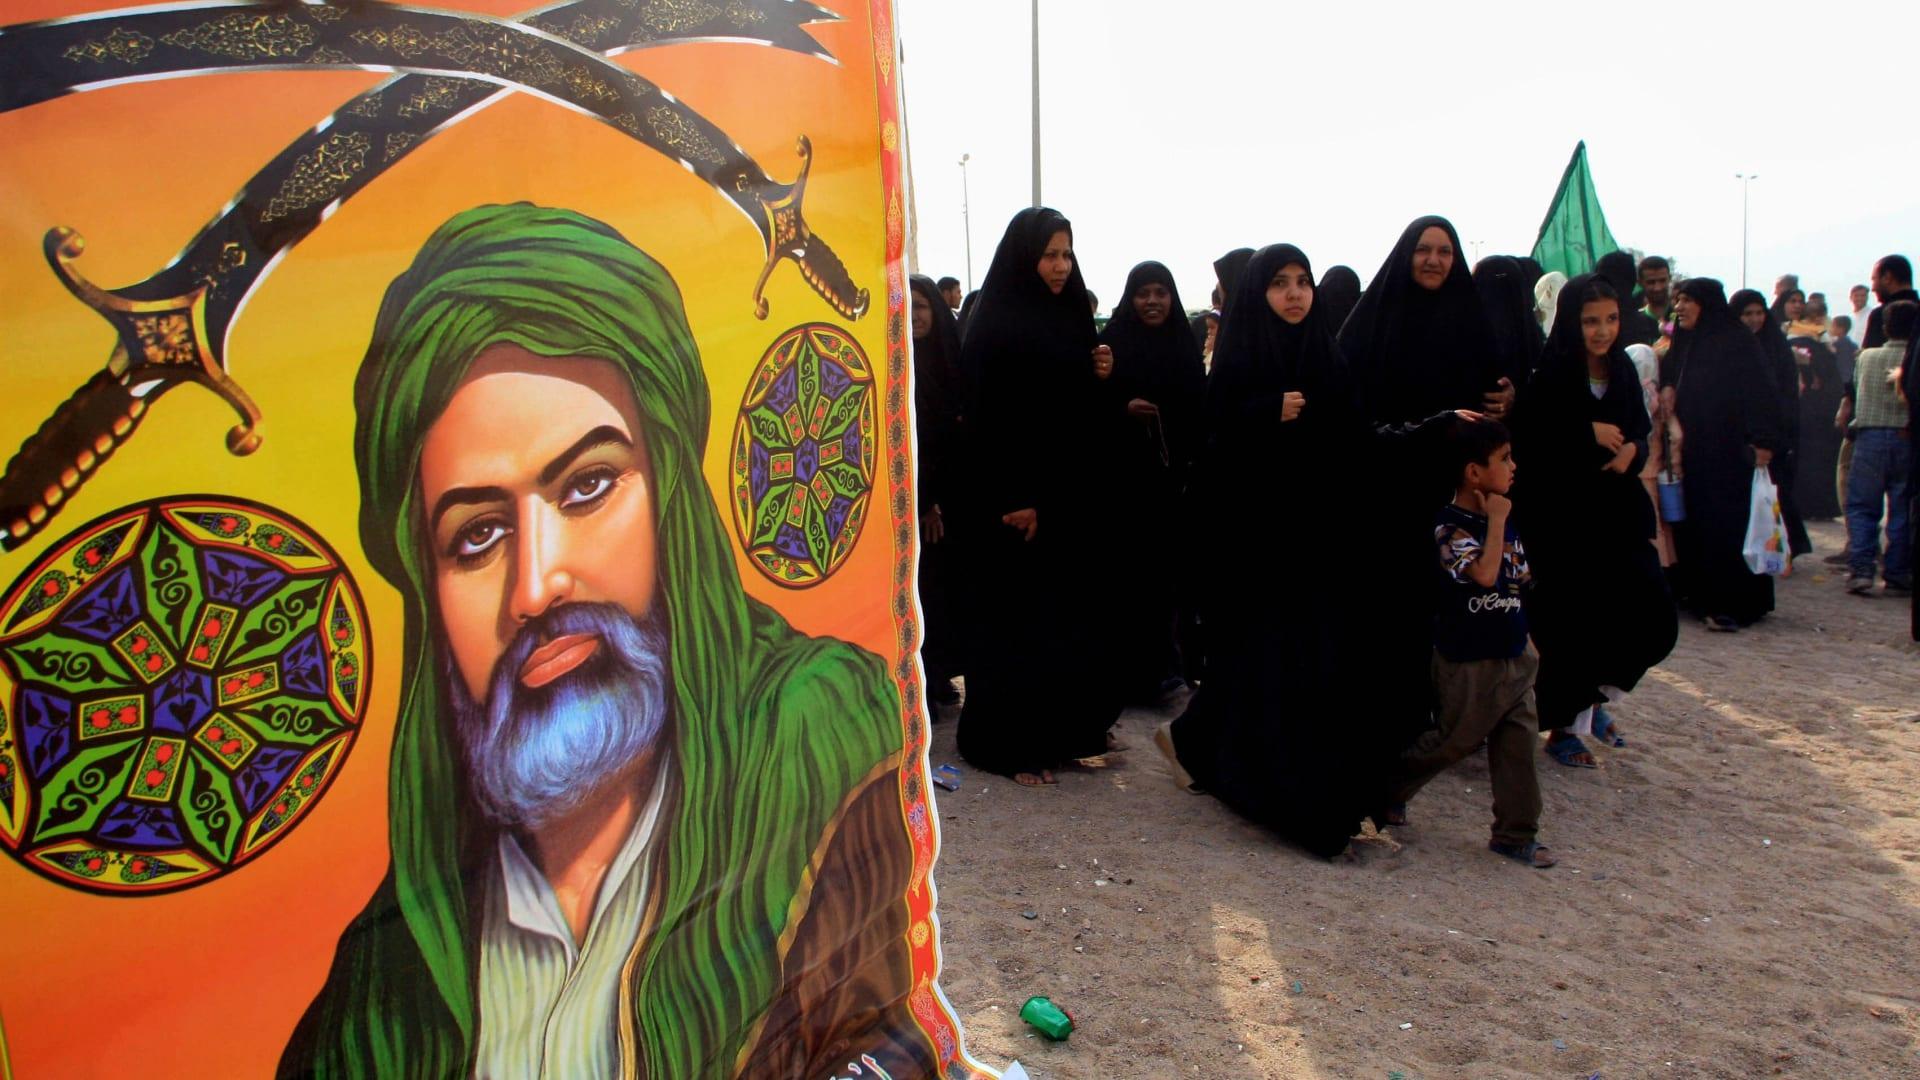 السعيدي: يجب ضرب إيران كي لا تقوم لها قائمة.. ونصرالله يرتعد خوفا